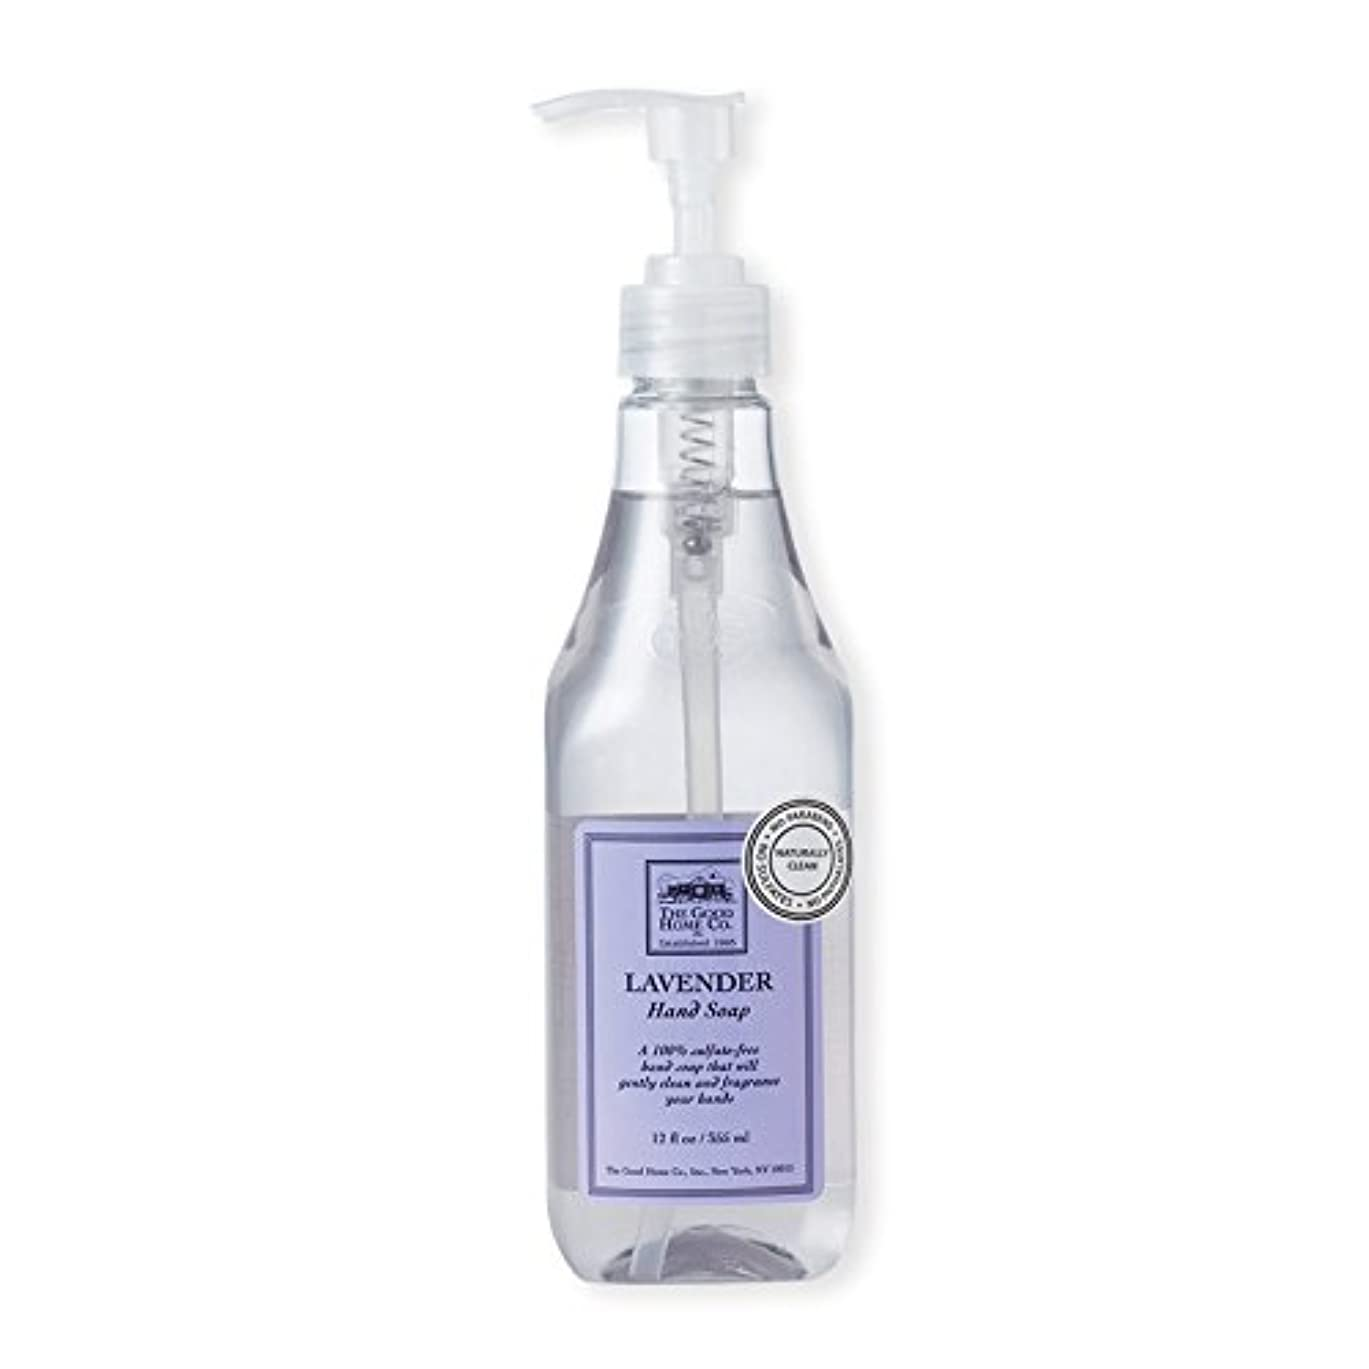 証明する染色引き渡すザ グッドホーム カンパニー HAND SOAP ハンドソープ 石鹸 せっけん ギフト 355ml レディーズ (並行輸入品)